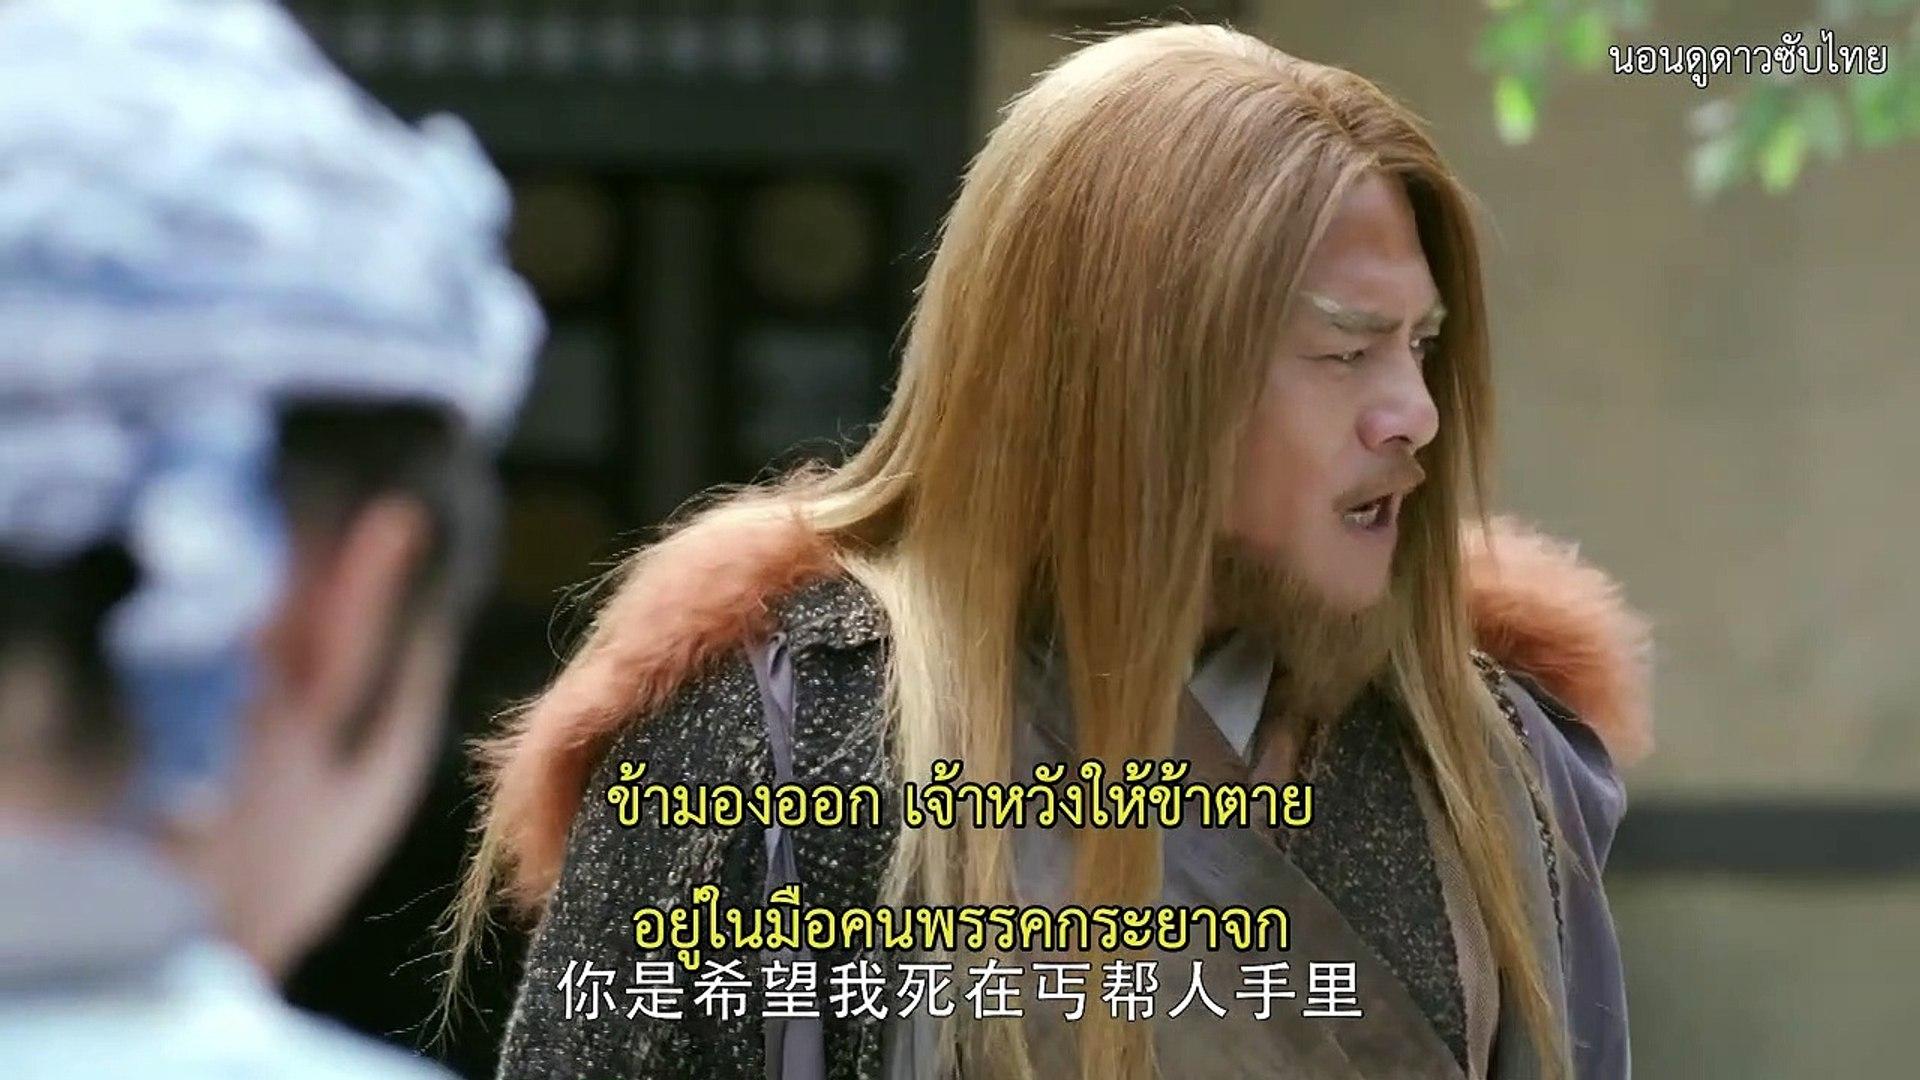 ดาบมังกรหยก2019 ซับไทย ตอนที่ 33